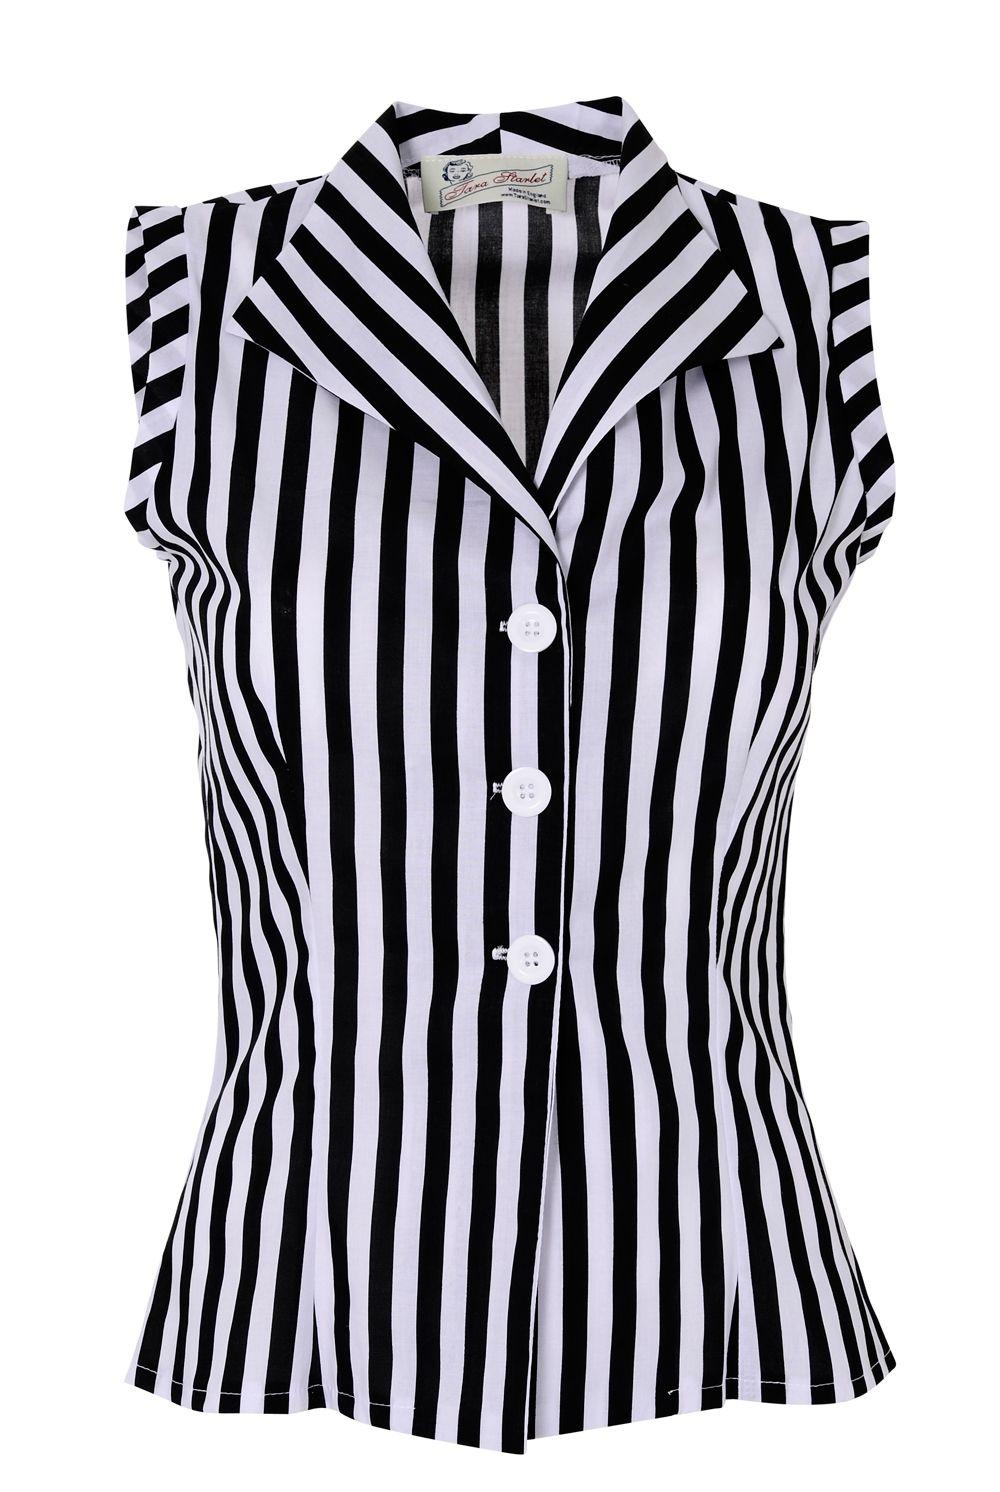 Tara Starlet | Sleeveless Shirt